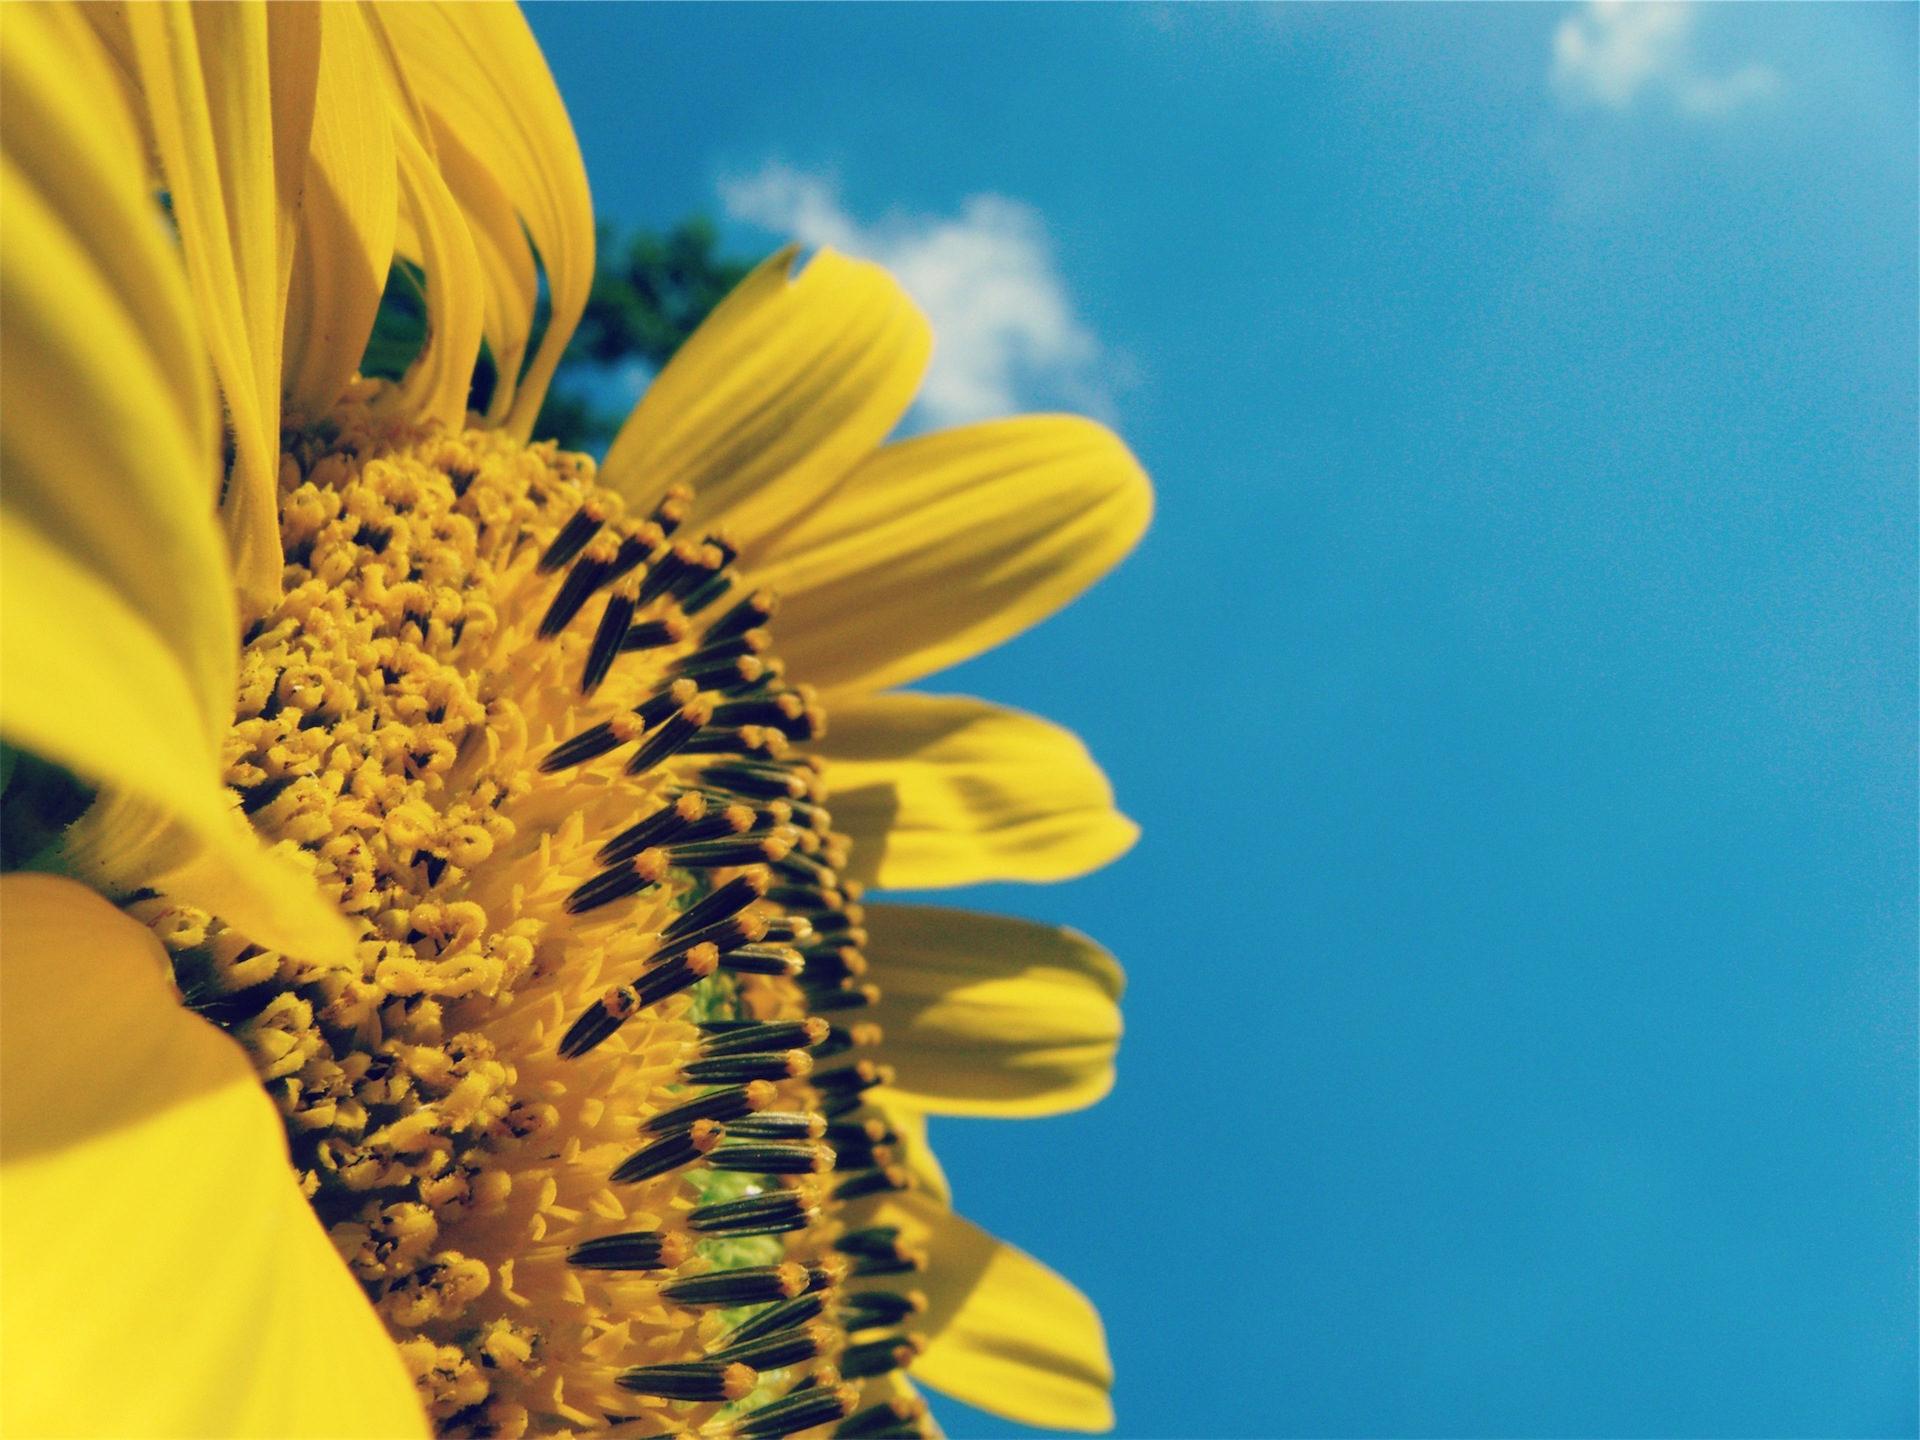 Sonnenblume, im Erdgeschoss, Rohre, Himmel, Gelb - Wallpaper HD - Prof.-falken.com